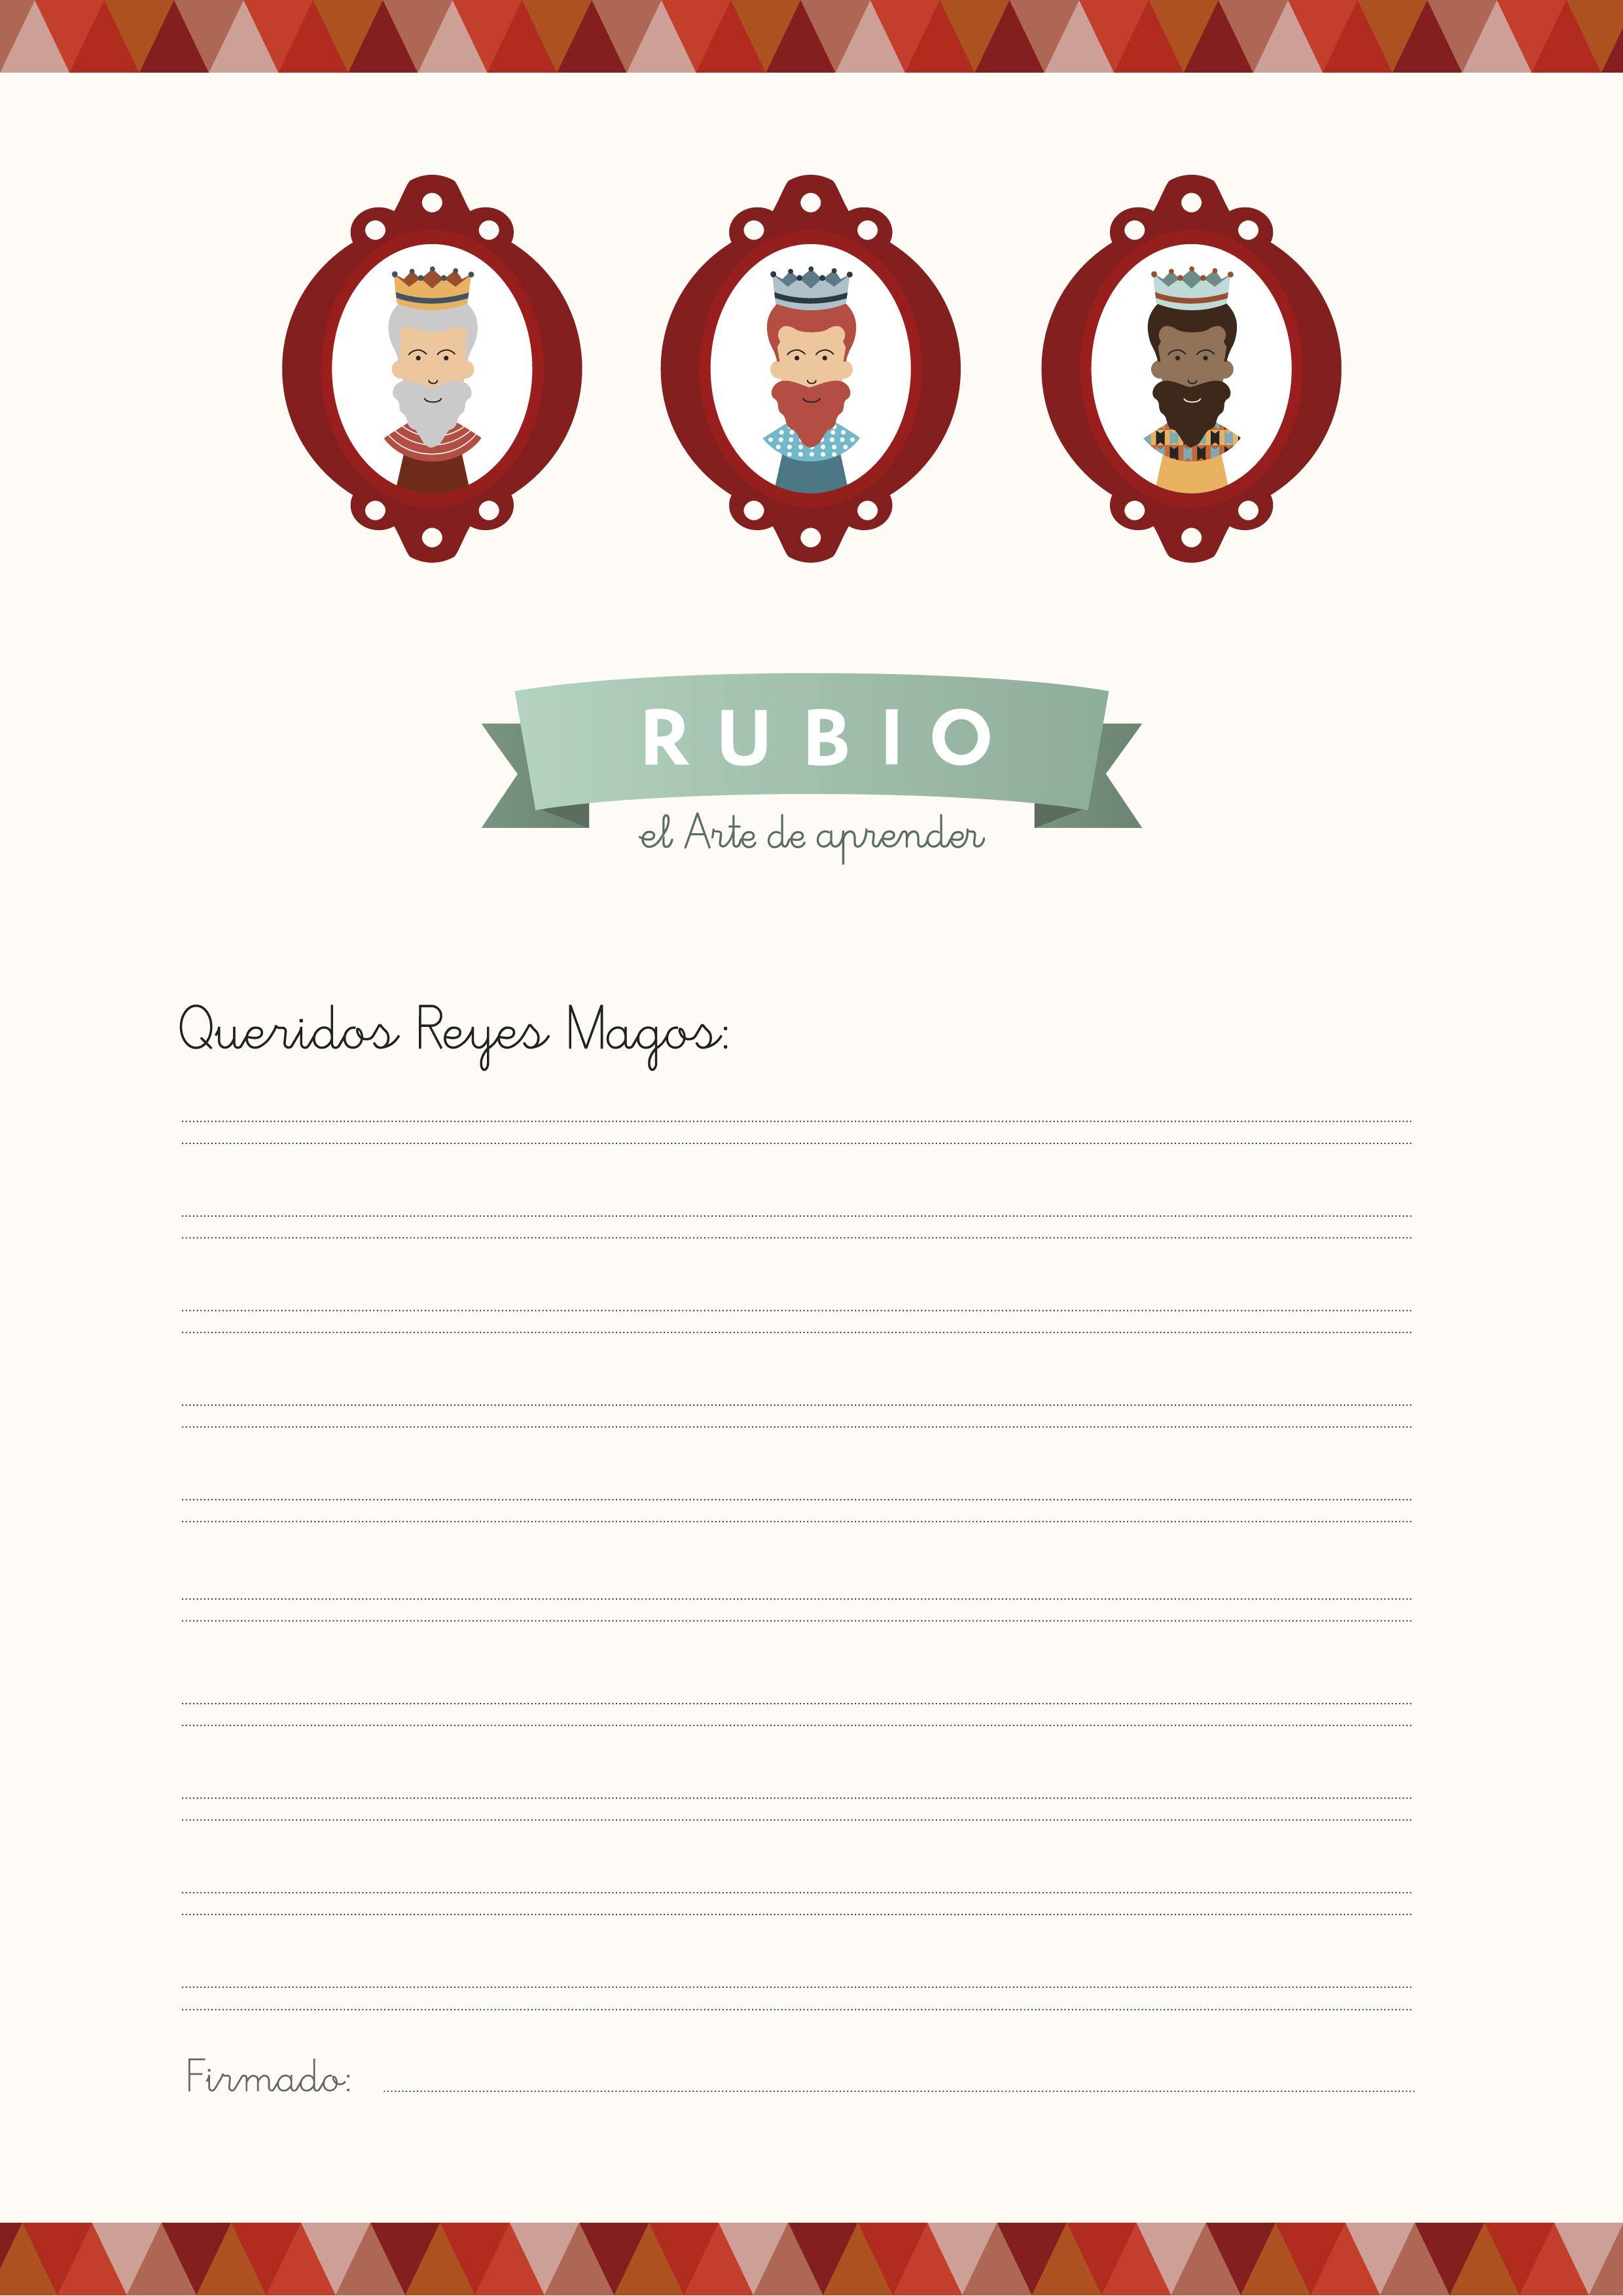 Worksheet. Carta de los Reyes Magos para imprimir de Cuadernos Rubio  Cartas